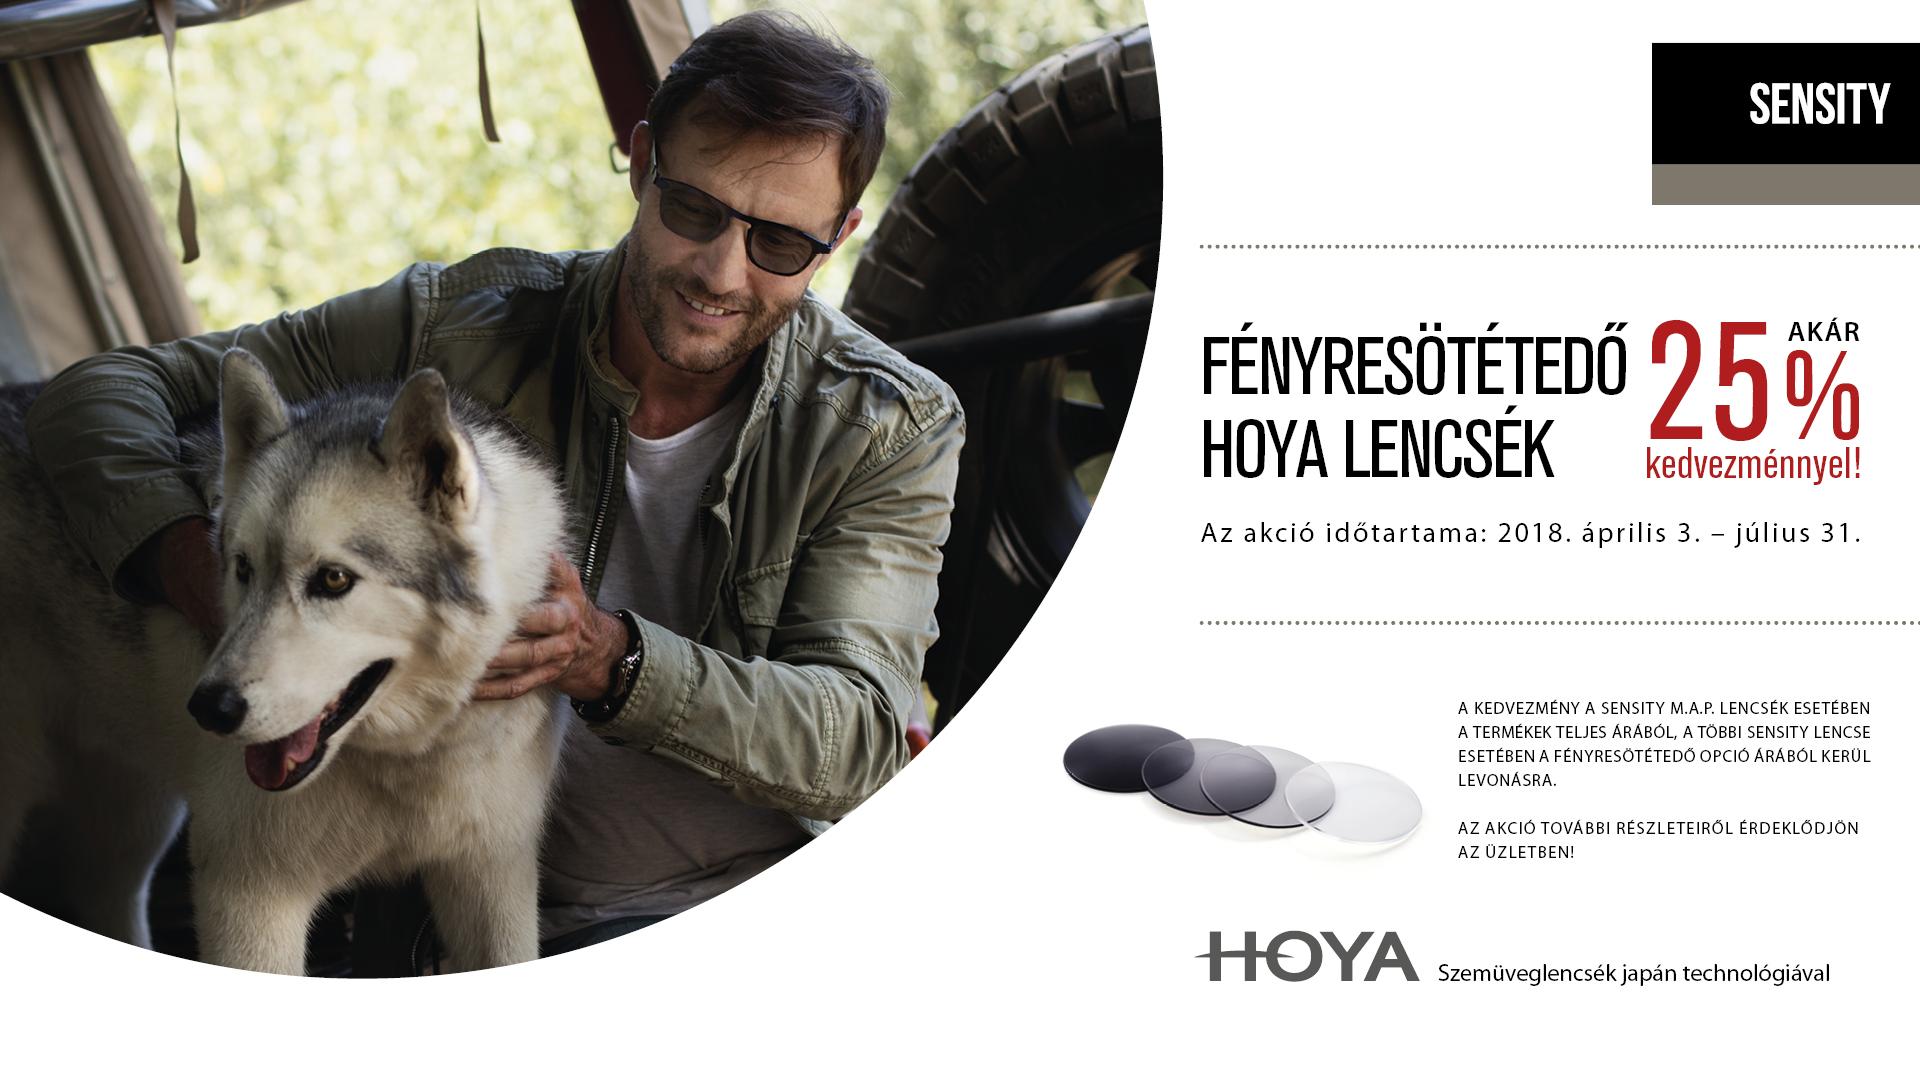 Hoya fényresötétedő szemüveglencsék akár 25% kedvezménnyel